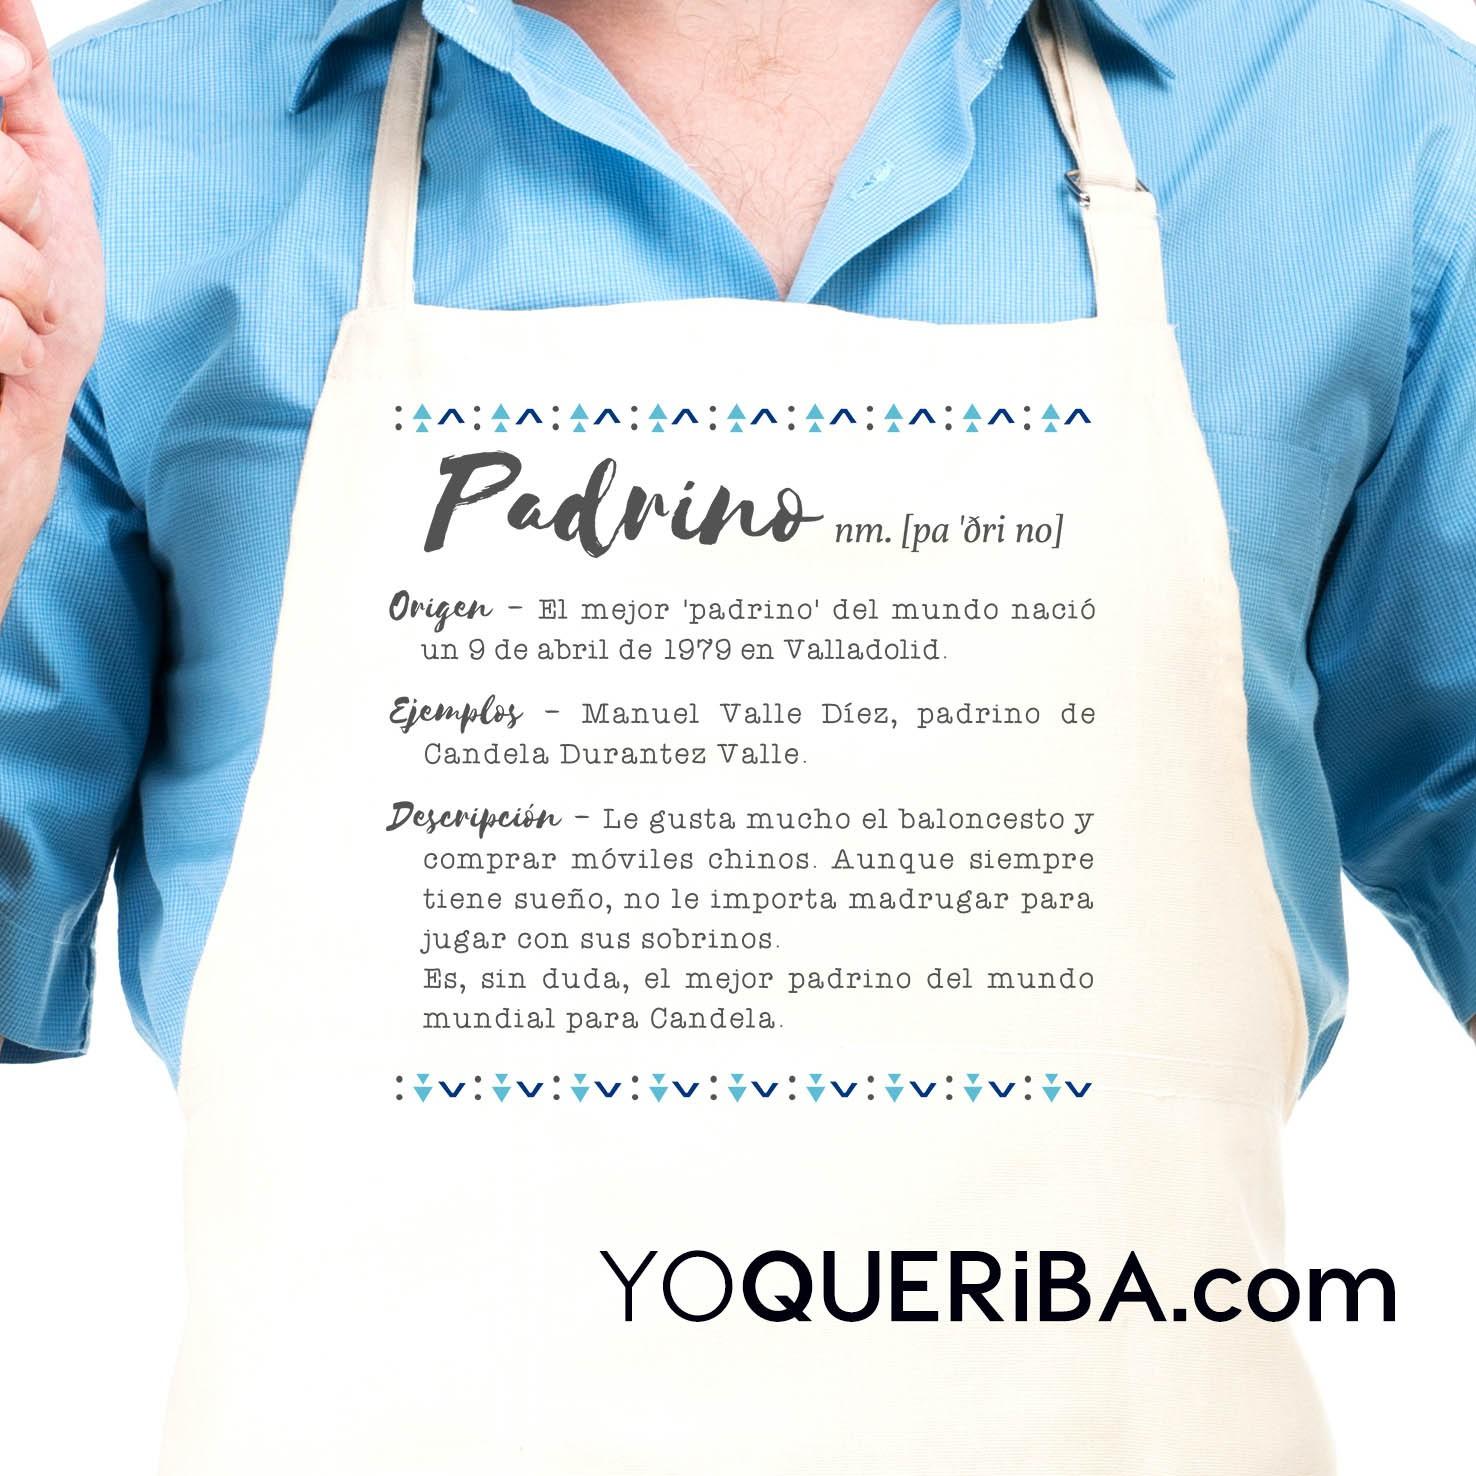 Regalos Para Padrinos Y Madrinas Yoqueriba